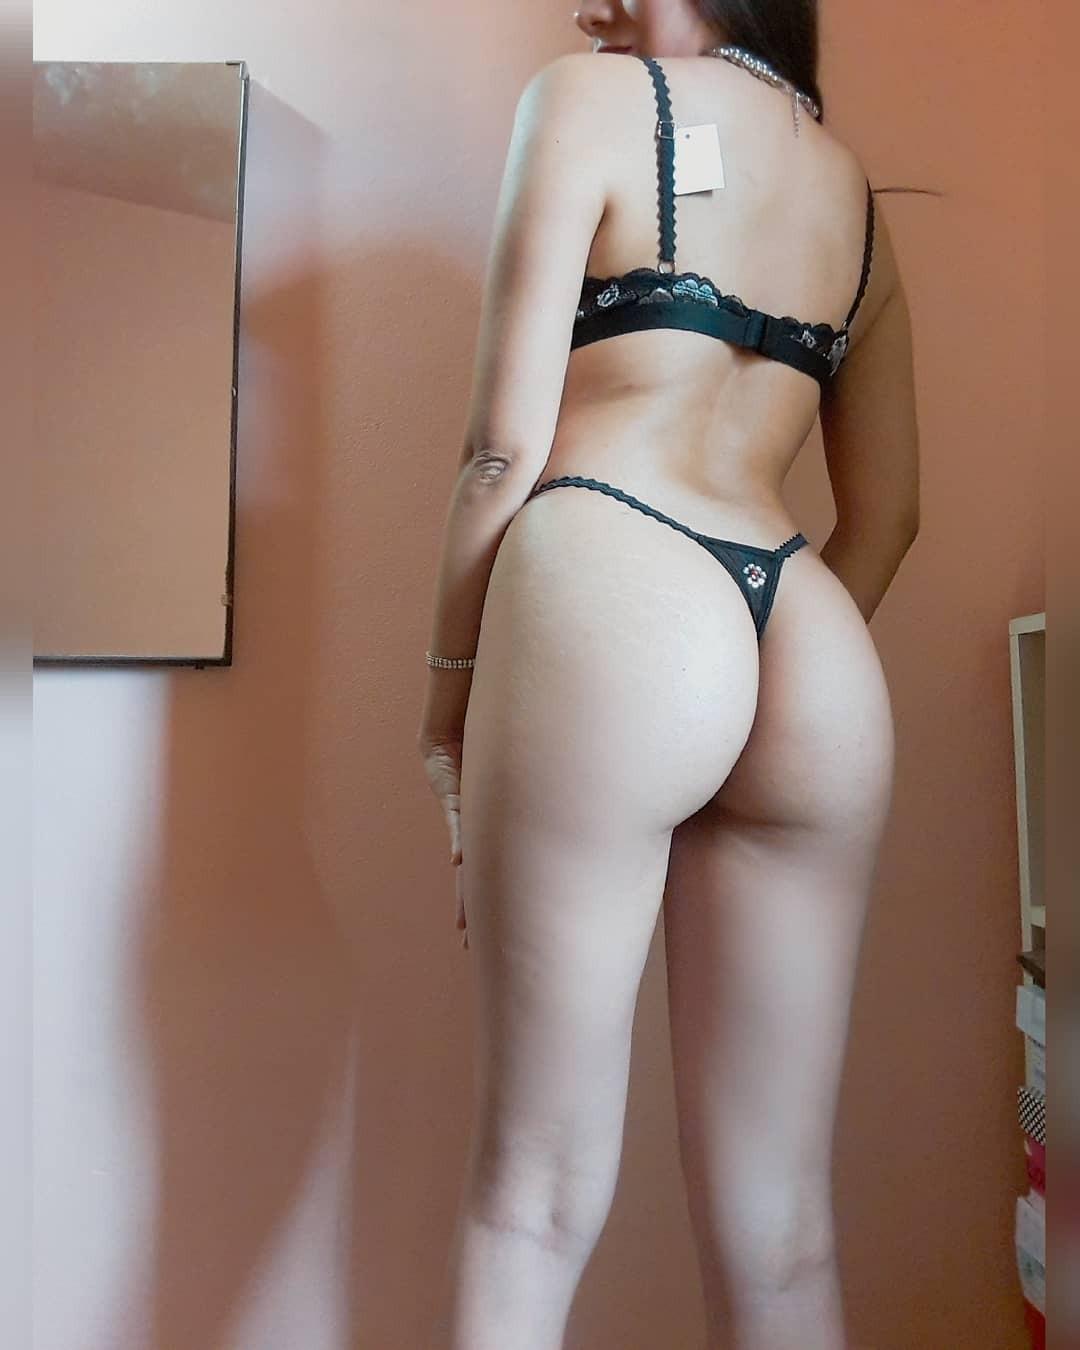 fotos mejores chicas amateurs en tanga, culos con tangas de hilo, culitos